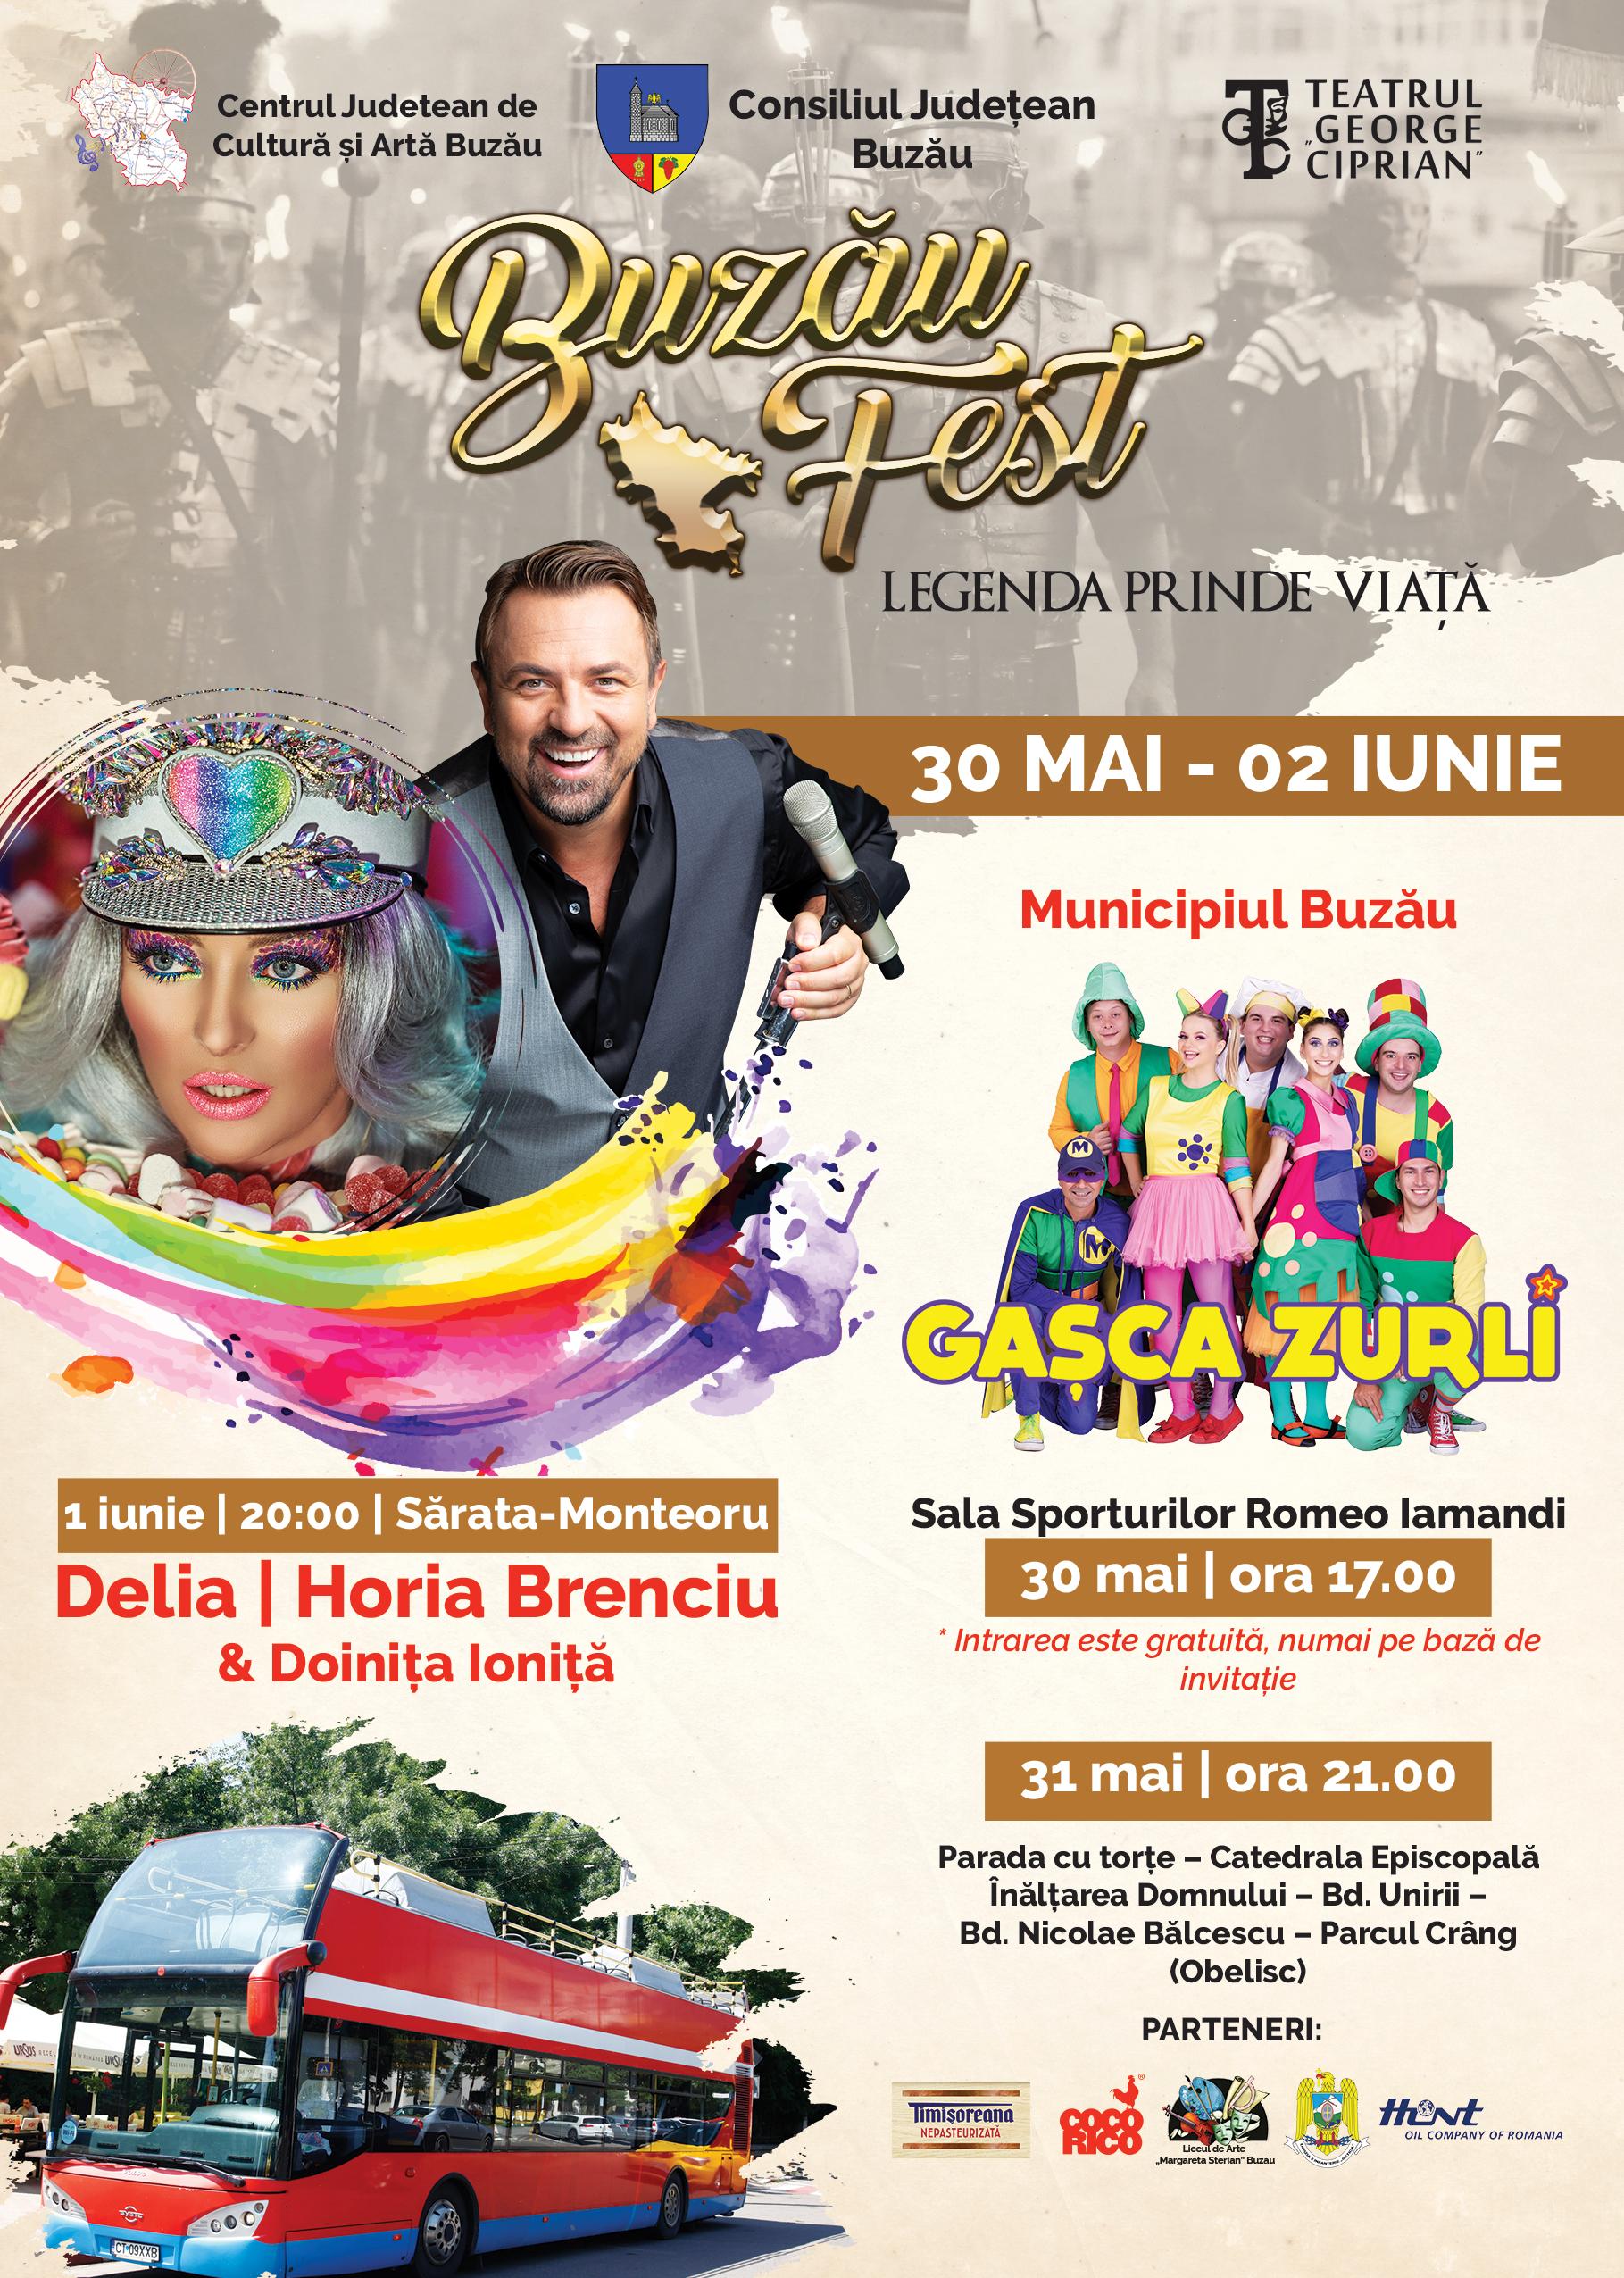 Buzau-Fest-Flyer-Fata